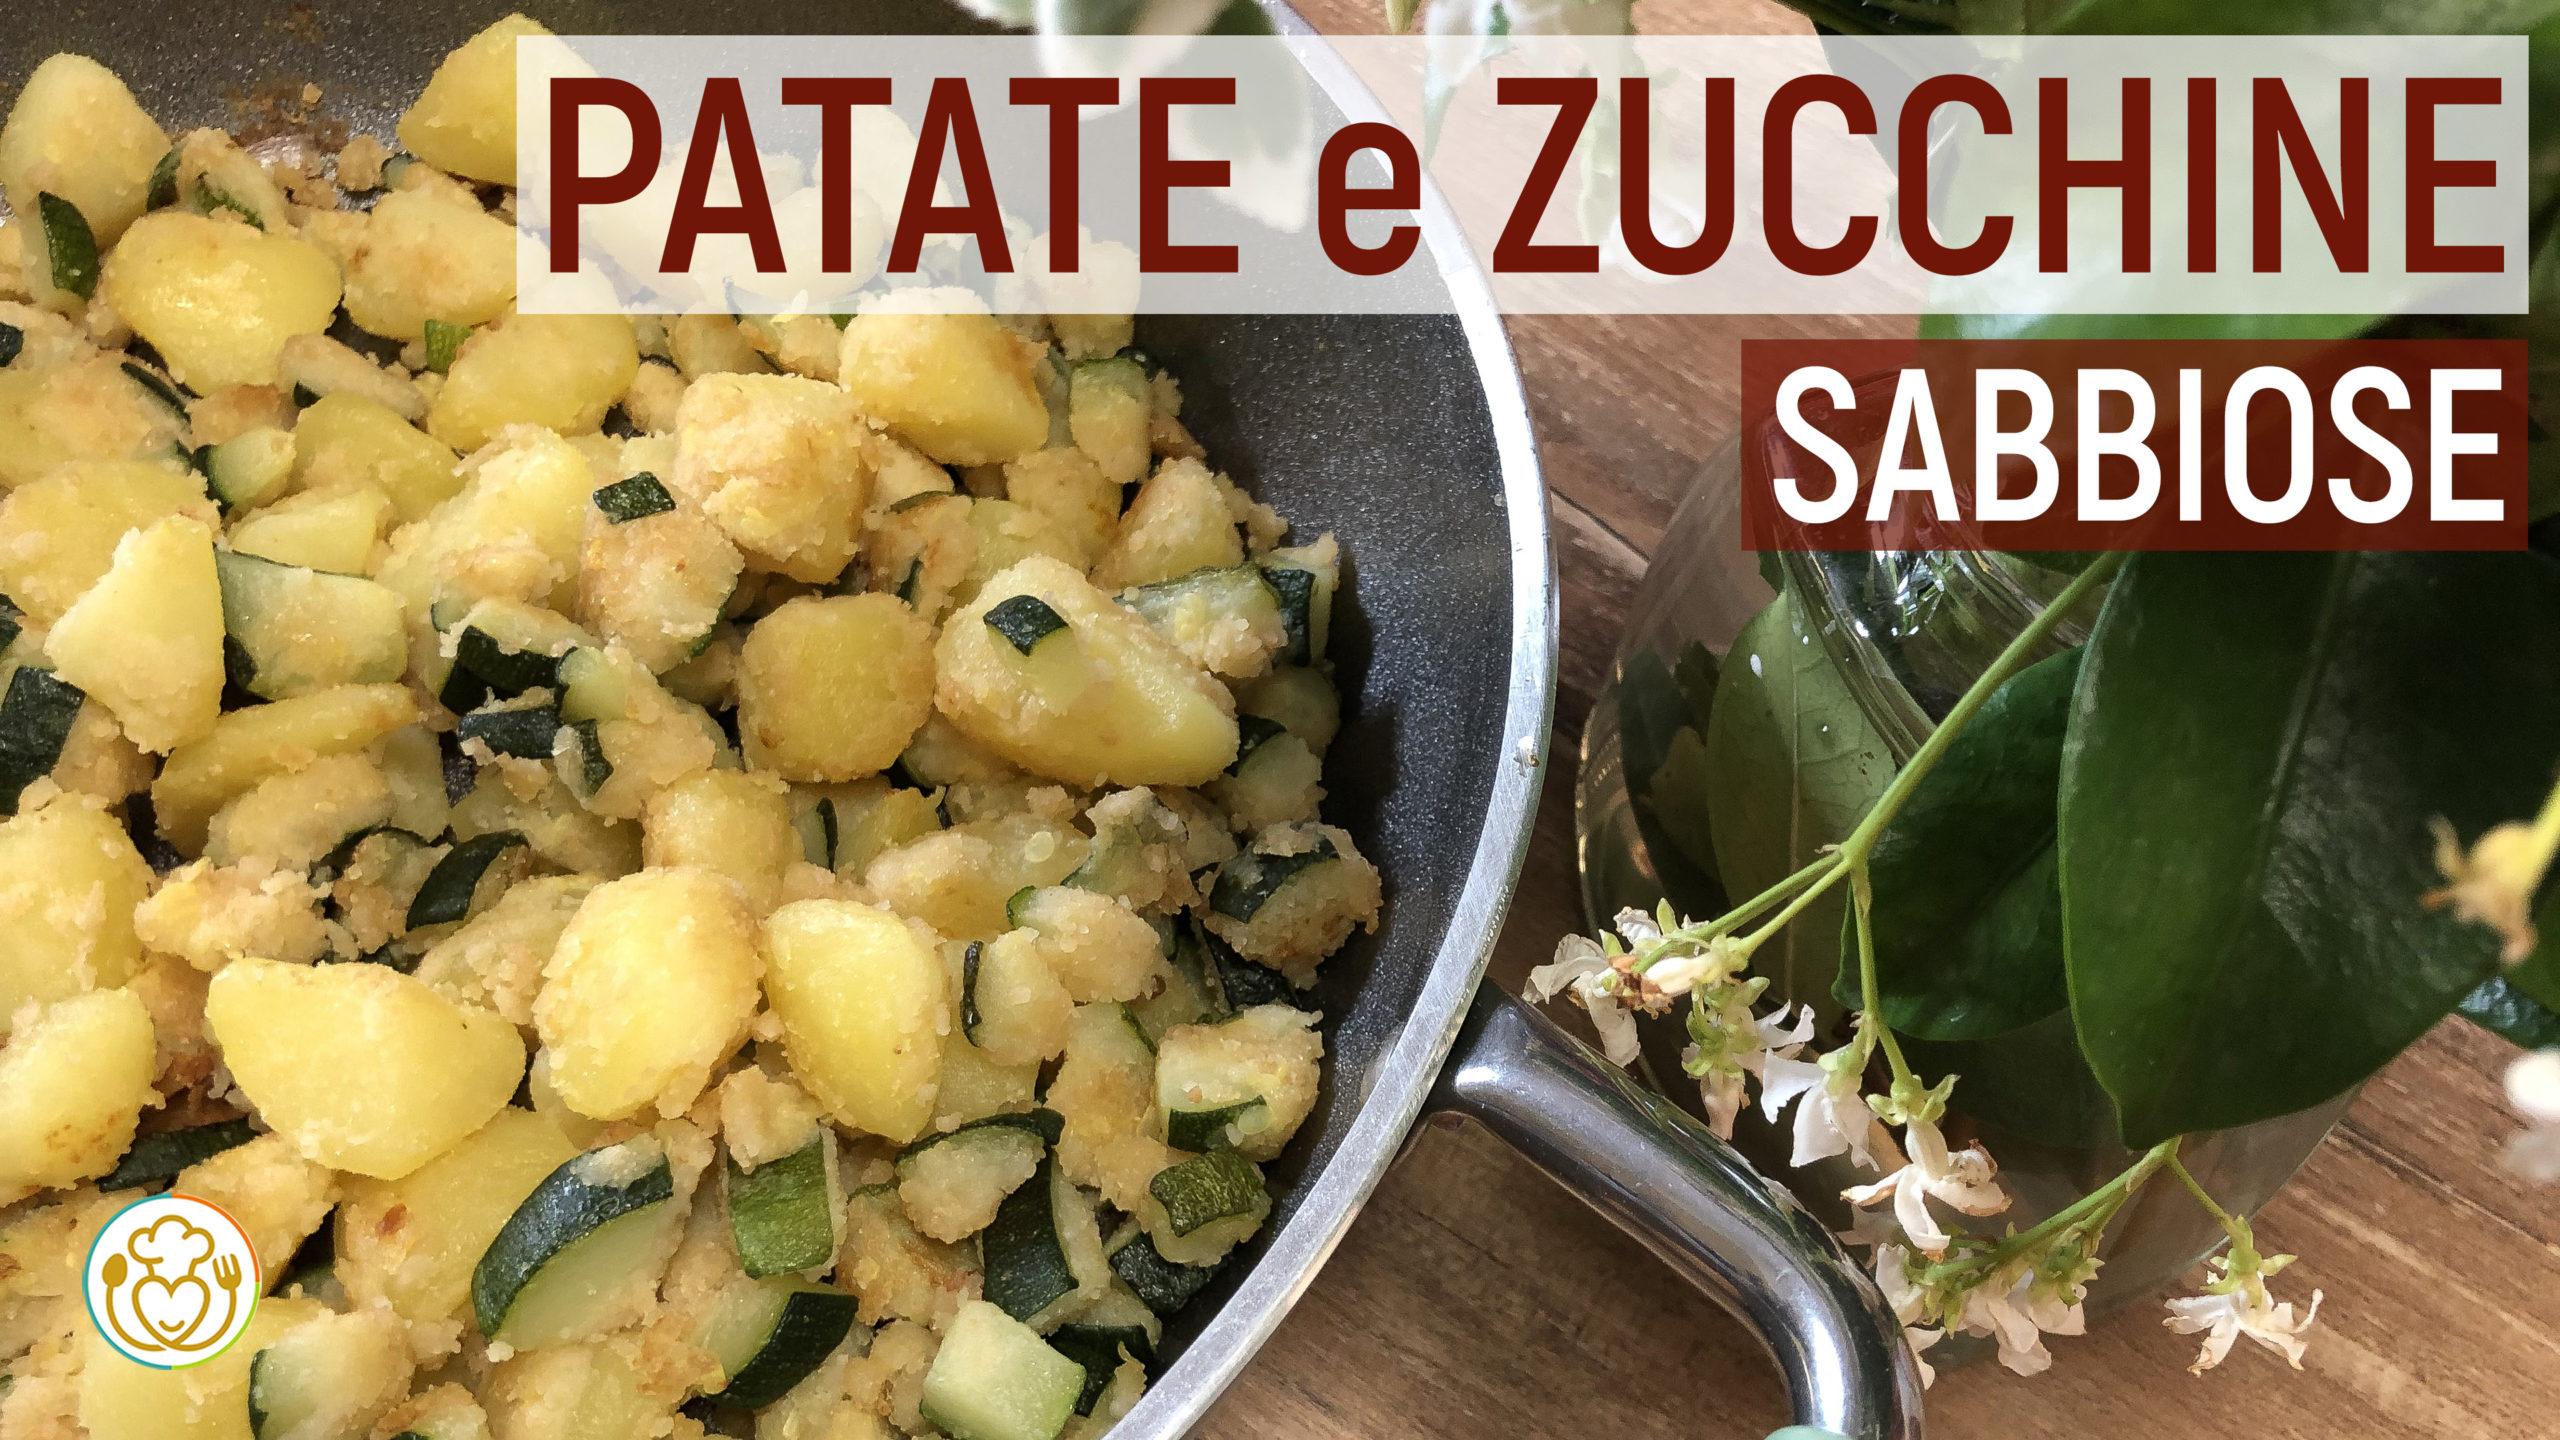 Ricetta Patate E Zucchine In Padella.Zucchine E Patate Croccanti In Padella Contorno Saziante Da Frigo Vuoto Ricette Di Cucina